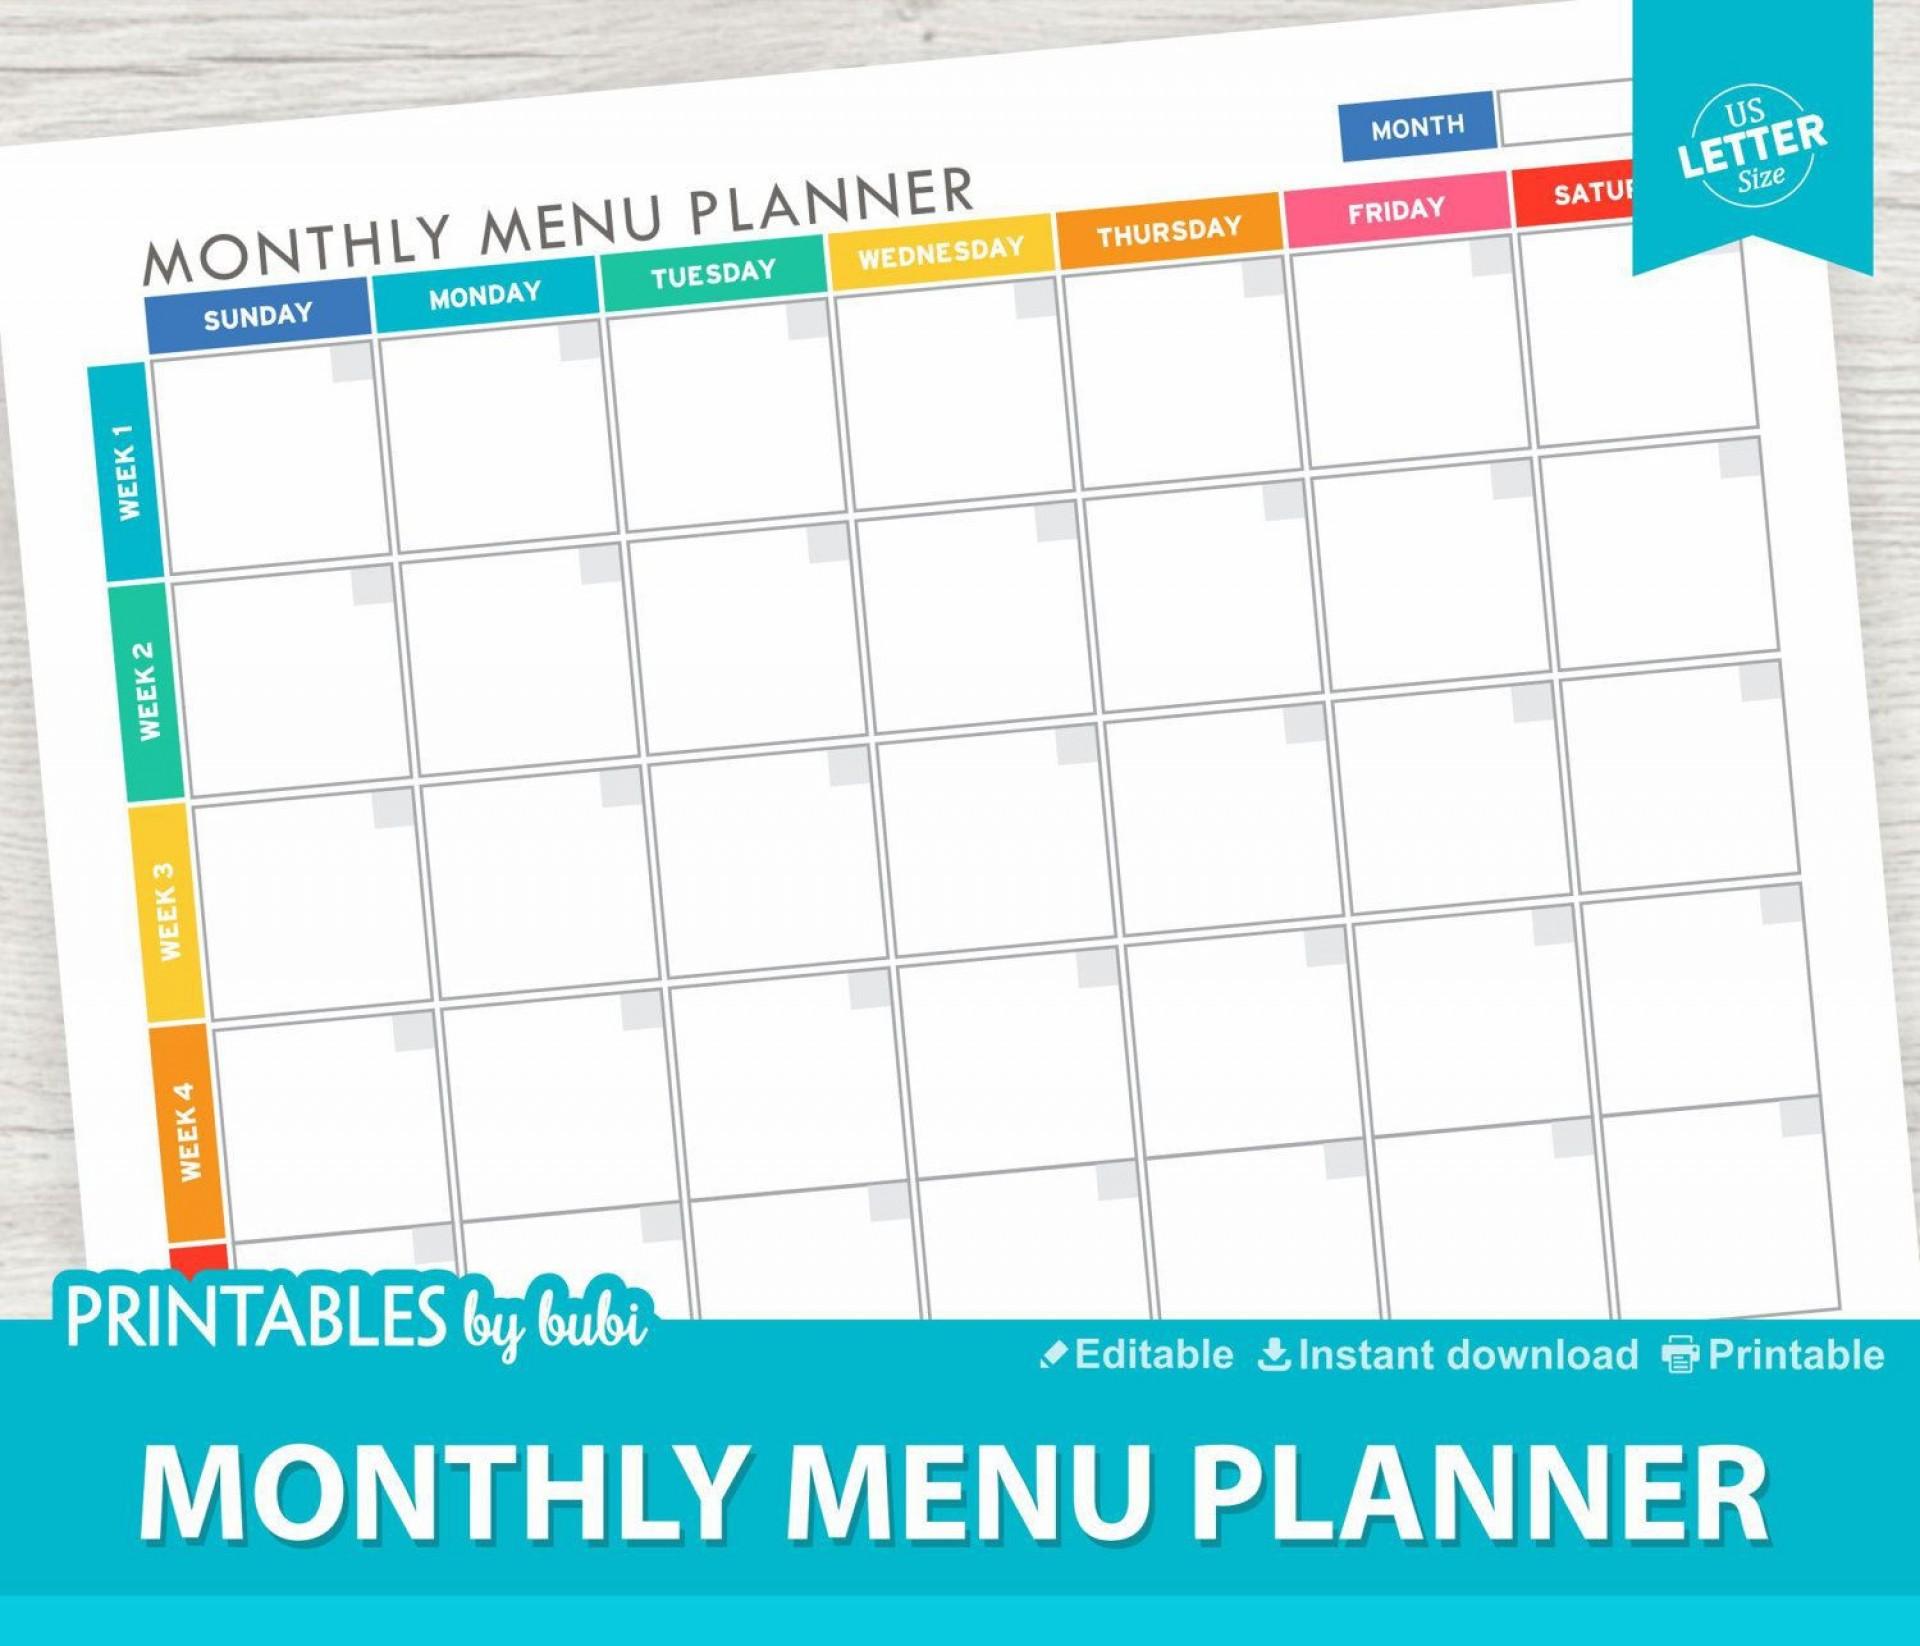 000 Impressive Meal Plan Template Pdf Picture  Printable Diabetic Sample Weekly Planning Worksheet1920